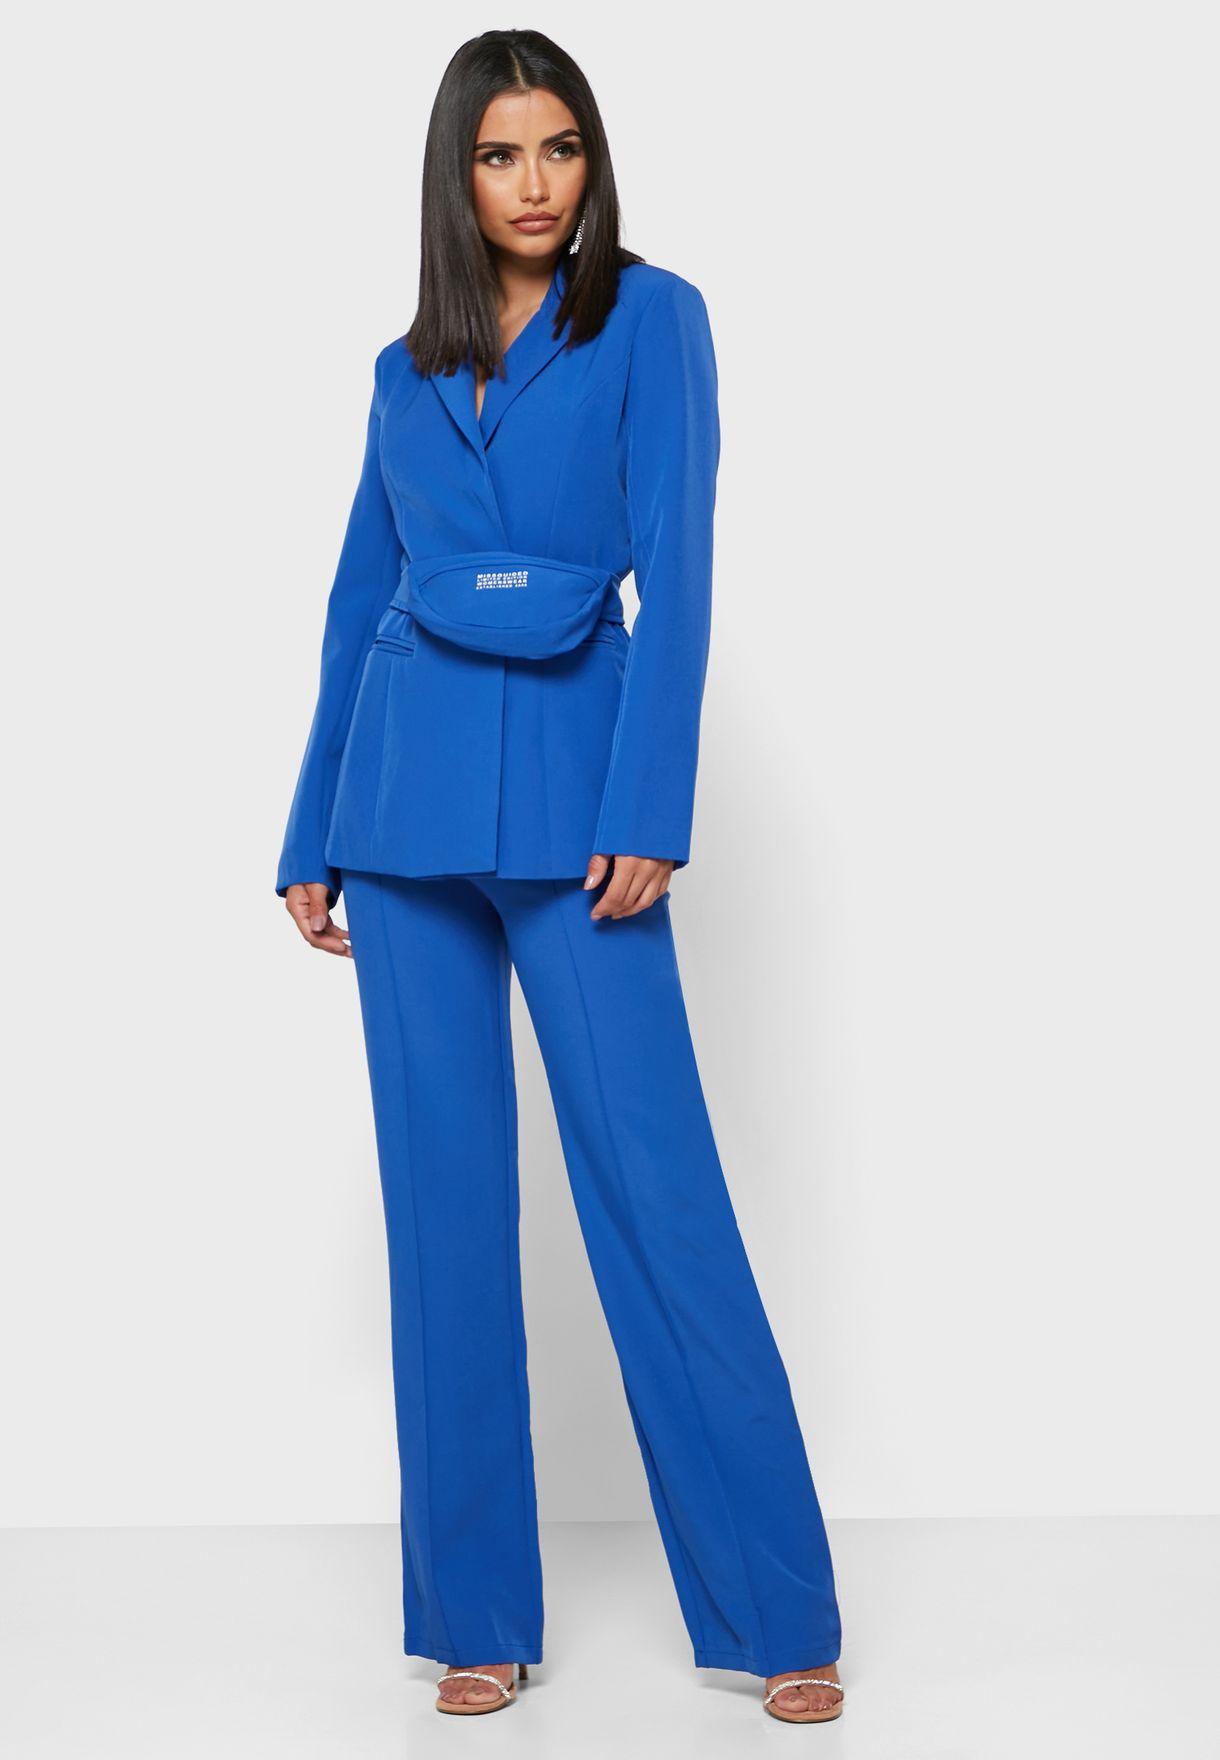 Tailored Blazer Bumbag Set